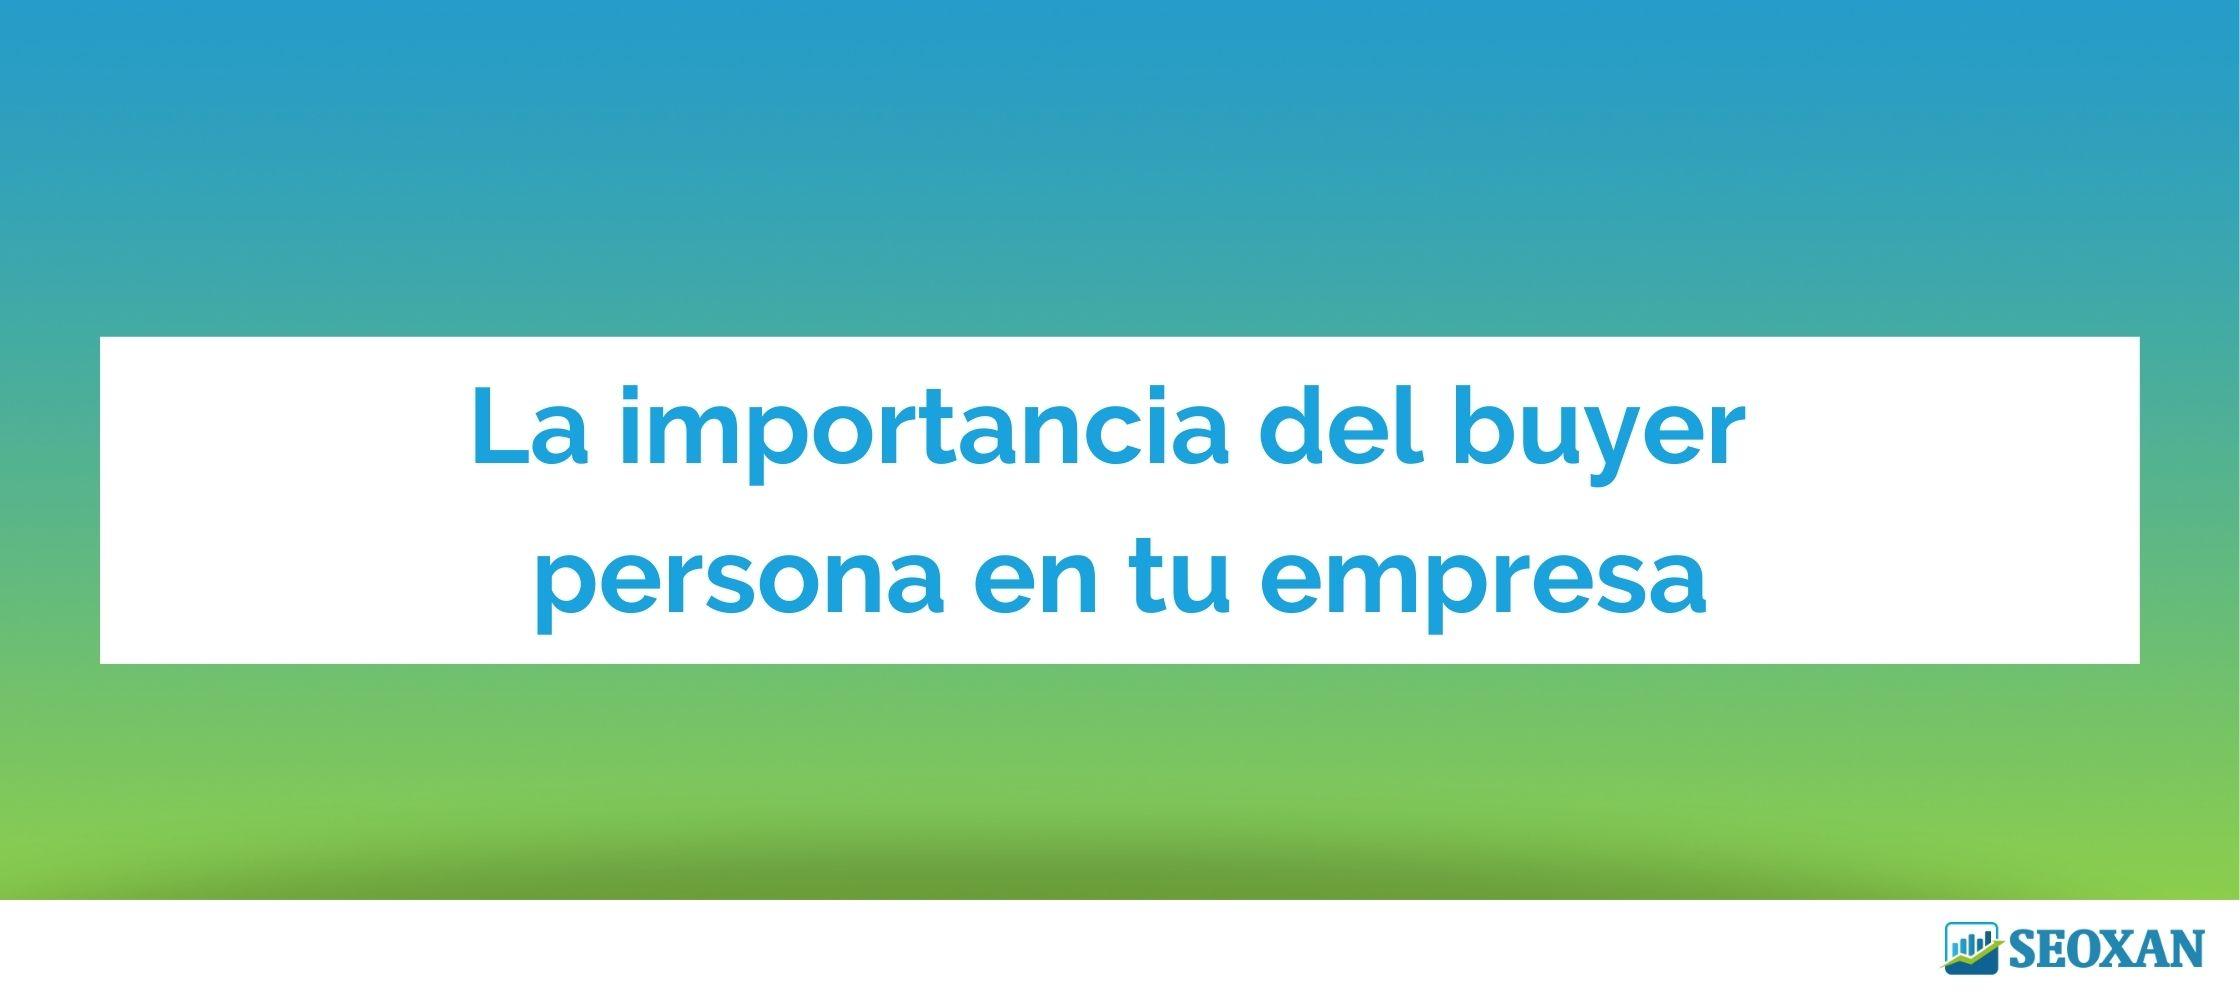 La importancia del buyer persona en tu empresa